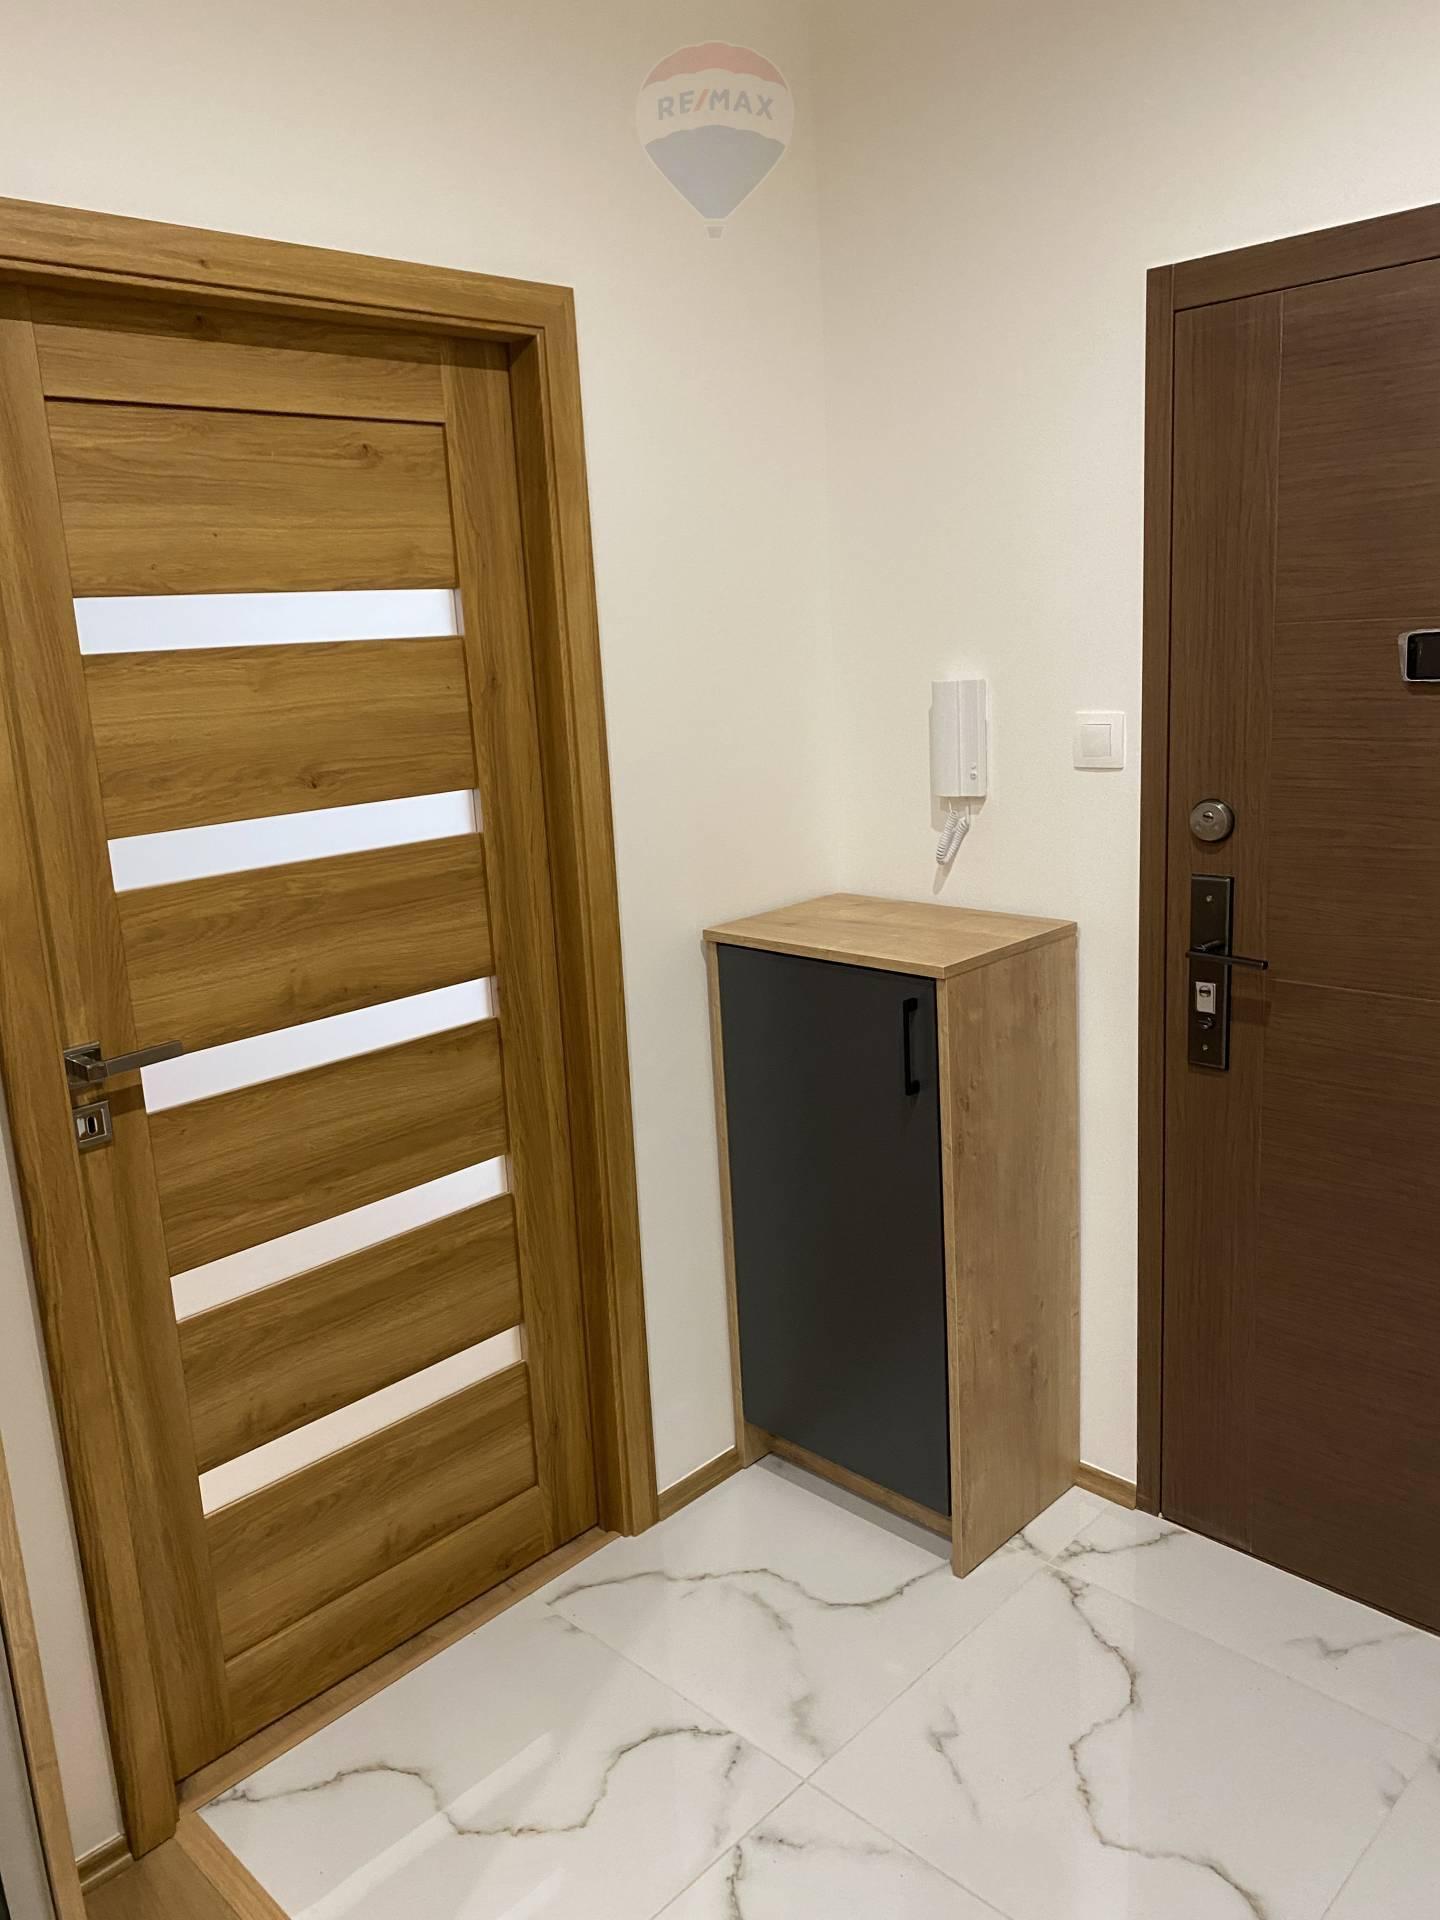 Prenájom bytu (3 izbový) 73 m2, Komárno -